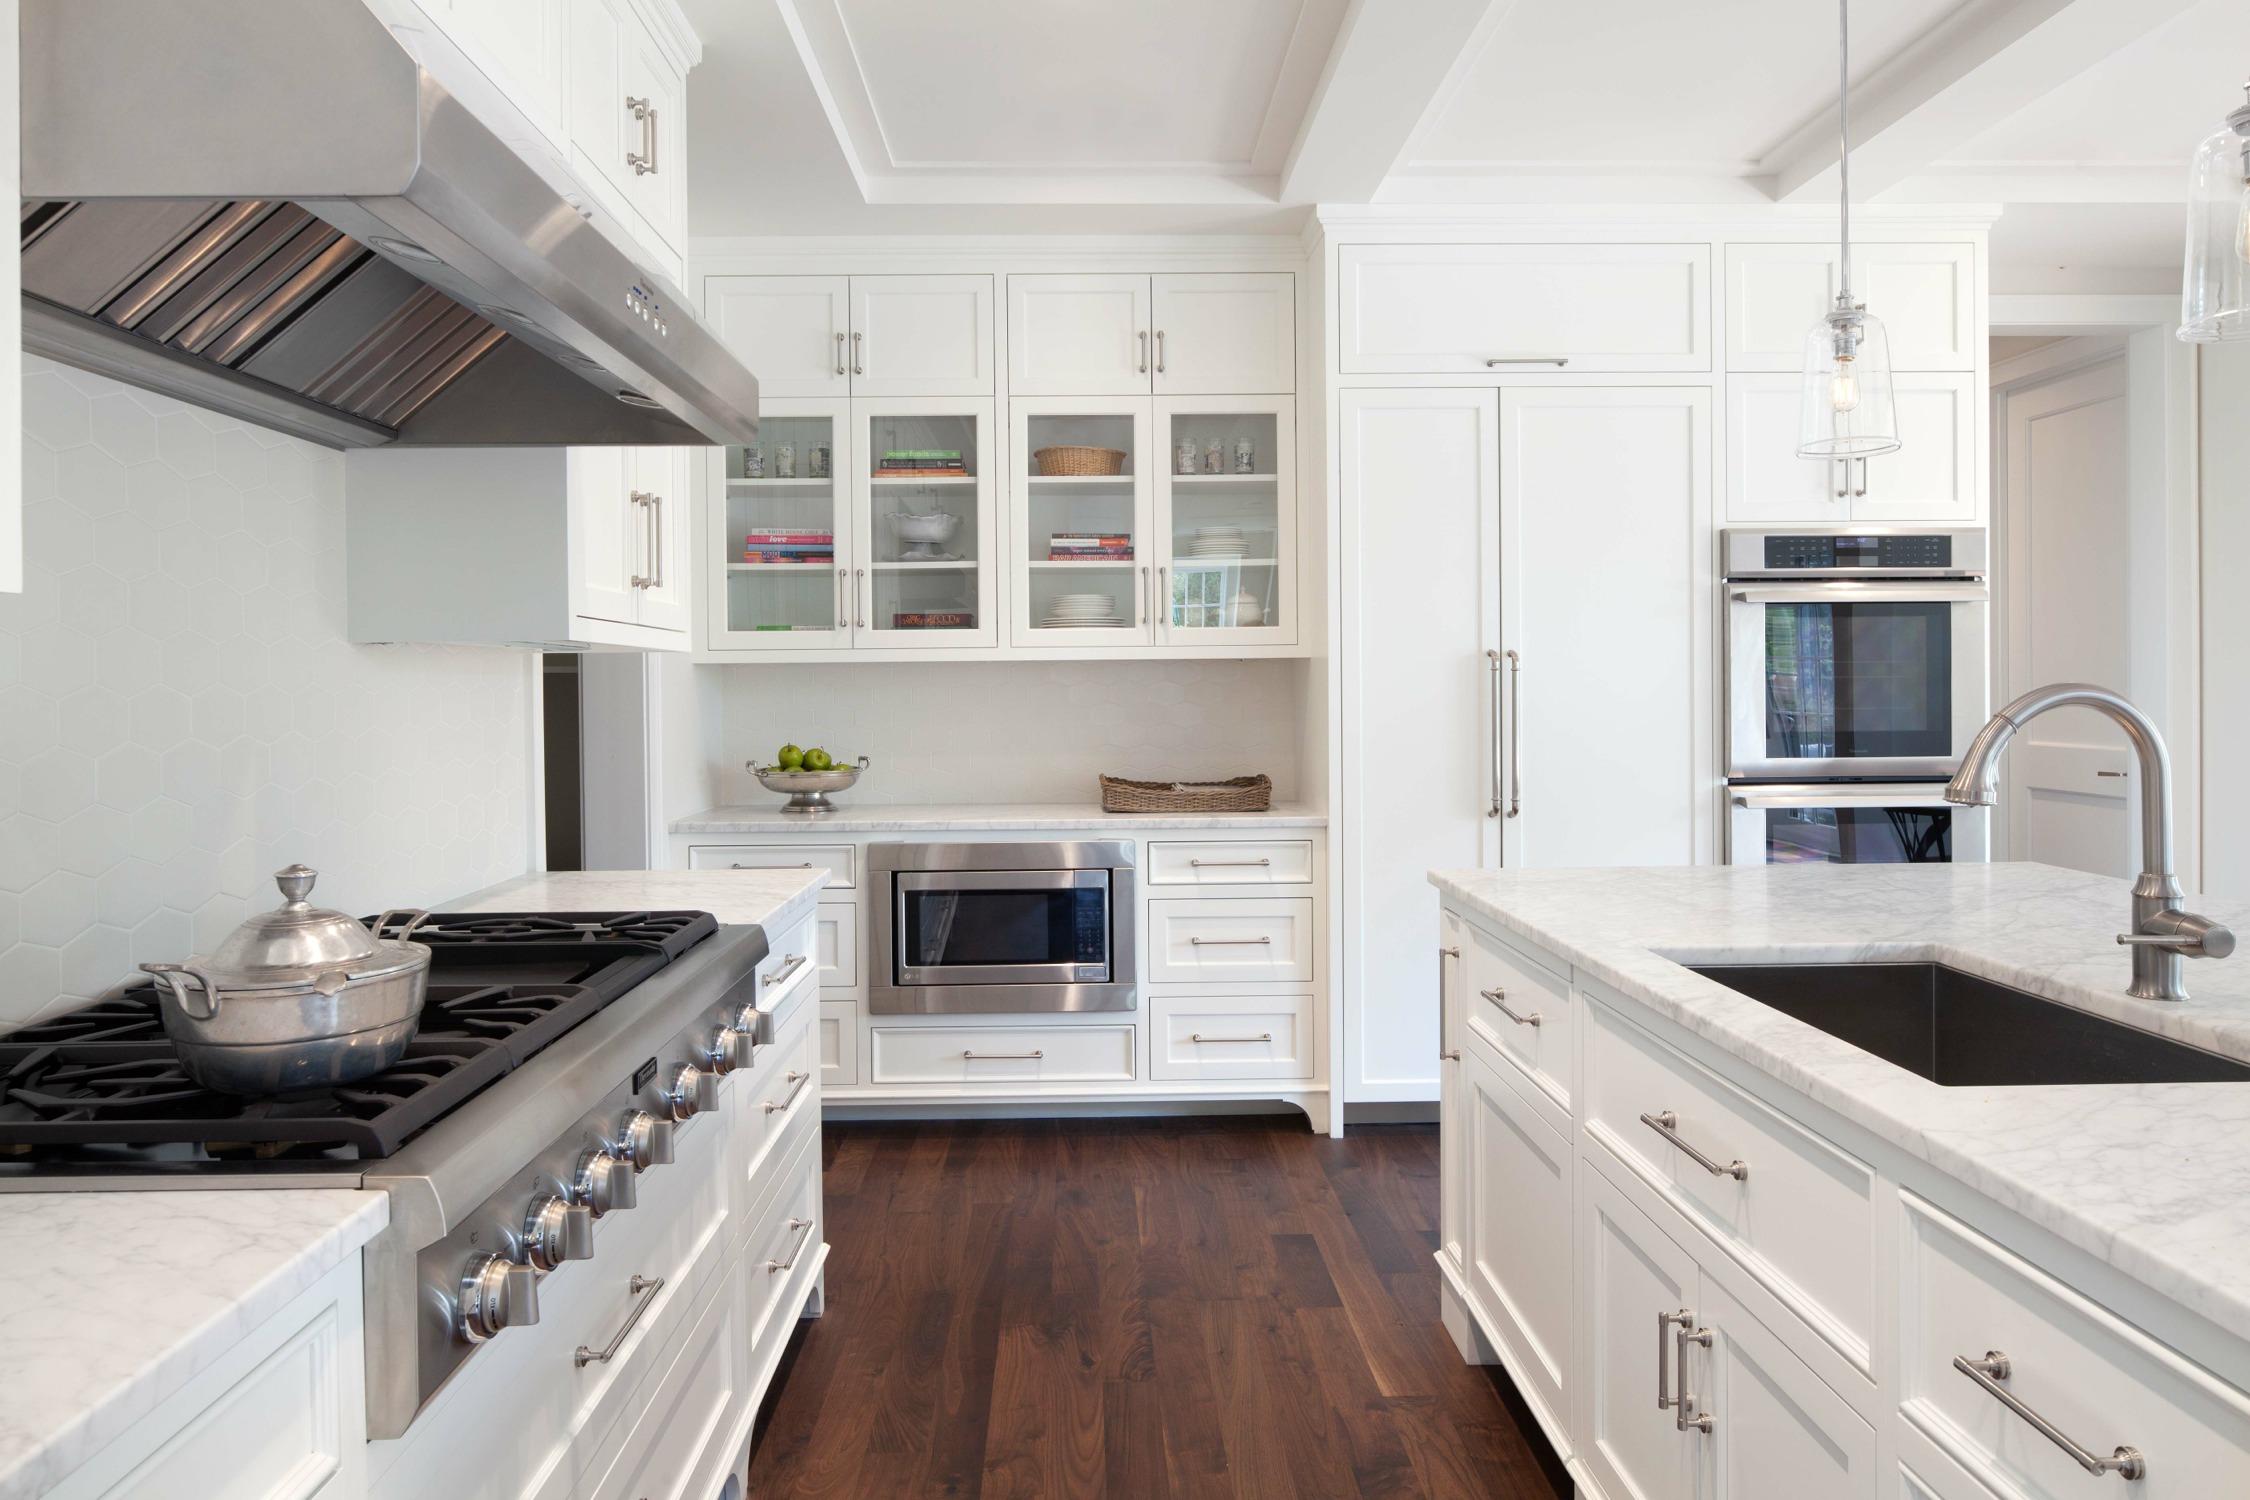 10 Hiasan Dalaman Dapur Ala Inggeris Terbaik Sebagai